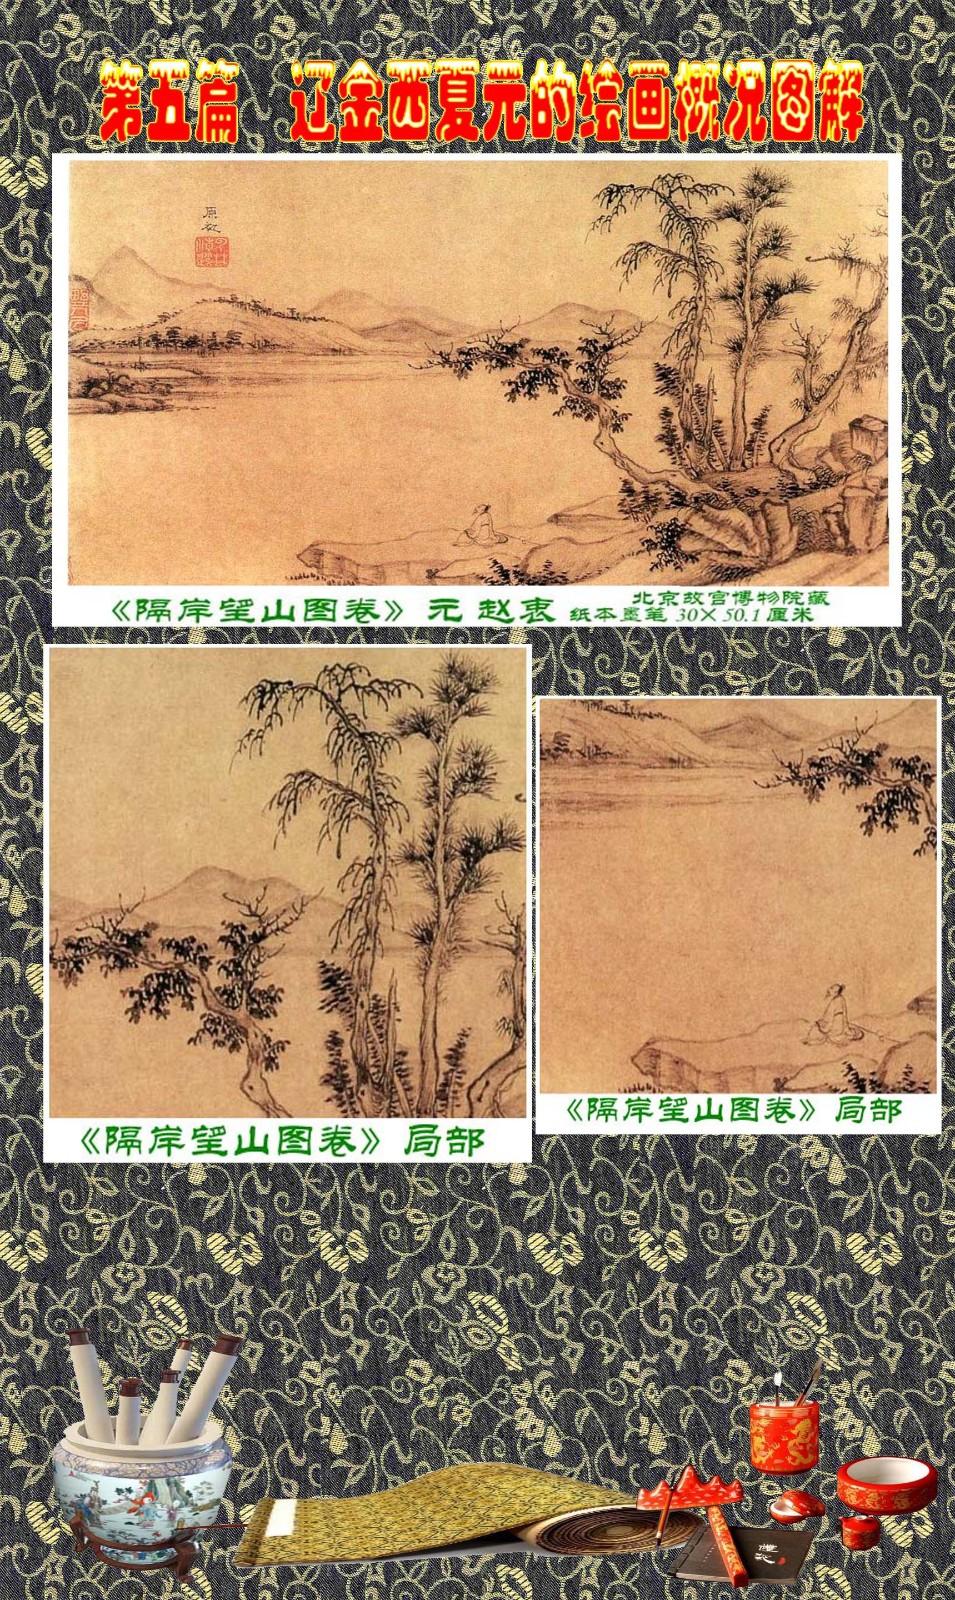 顾绍骅编辑 中国画知识普及版 第五篇 辽金西夏元的绘画概况 下 ... ..._图1-89